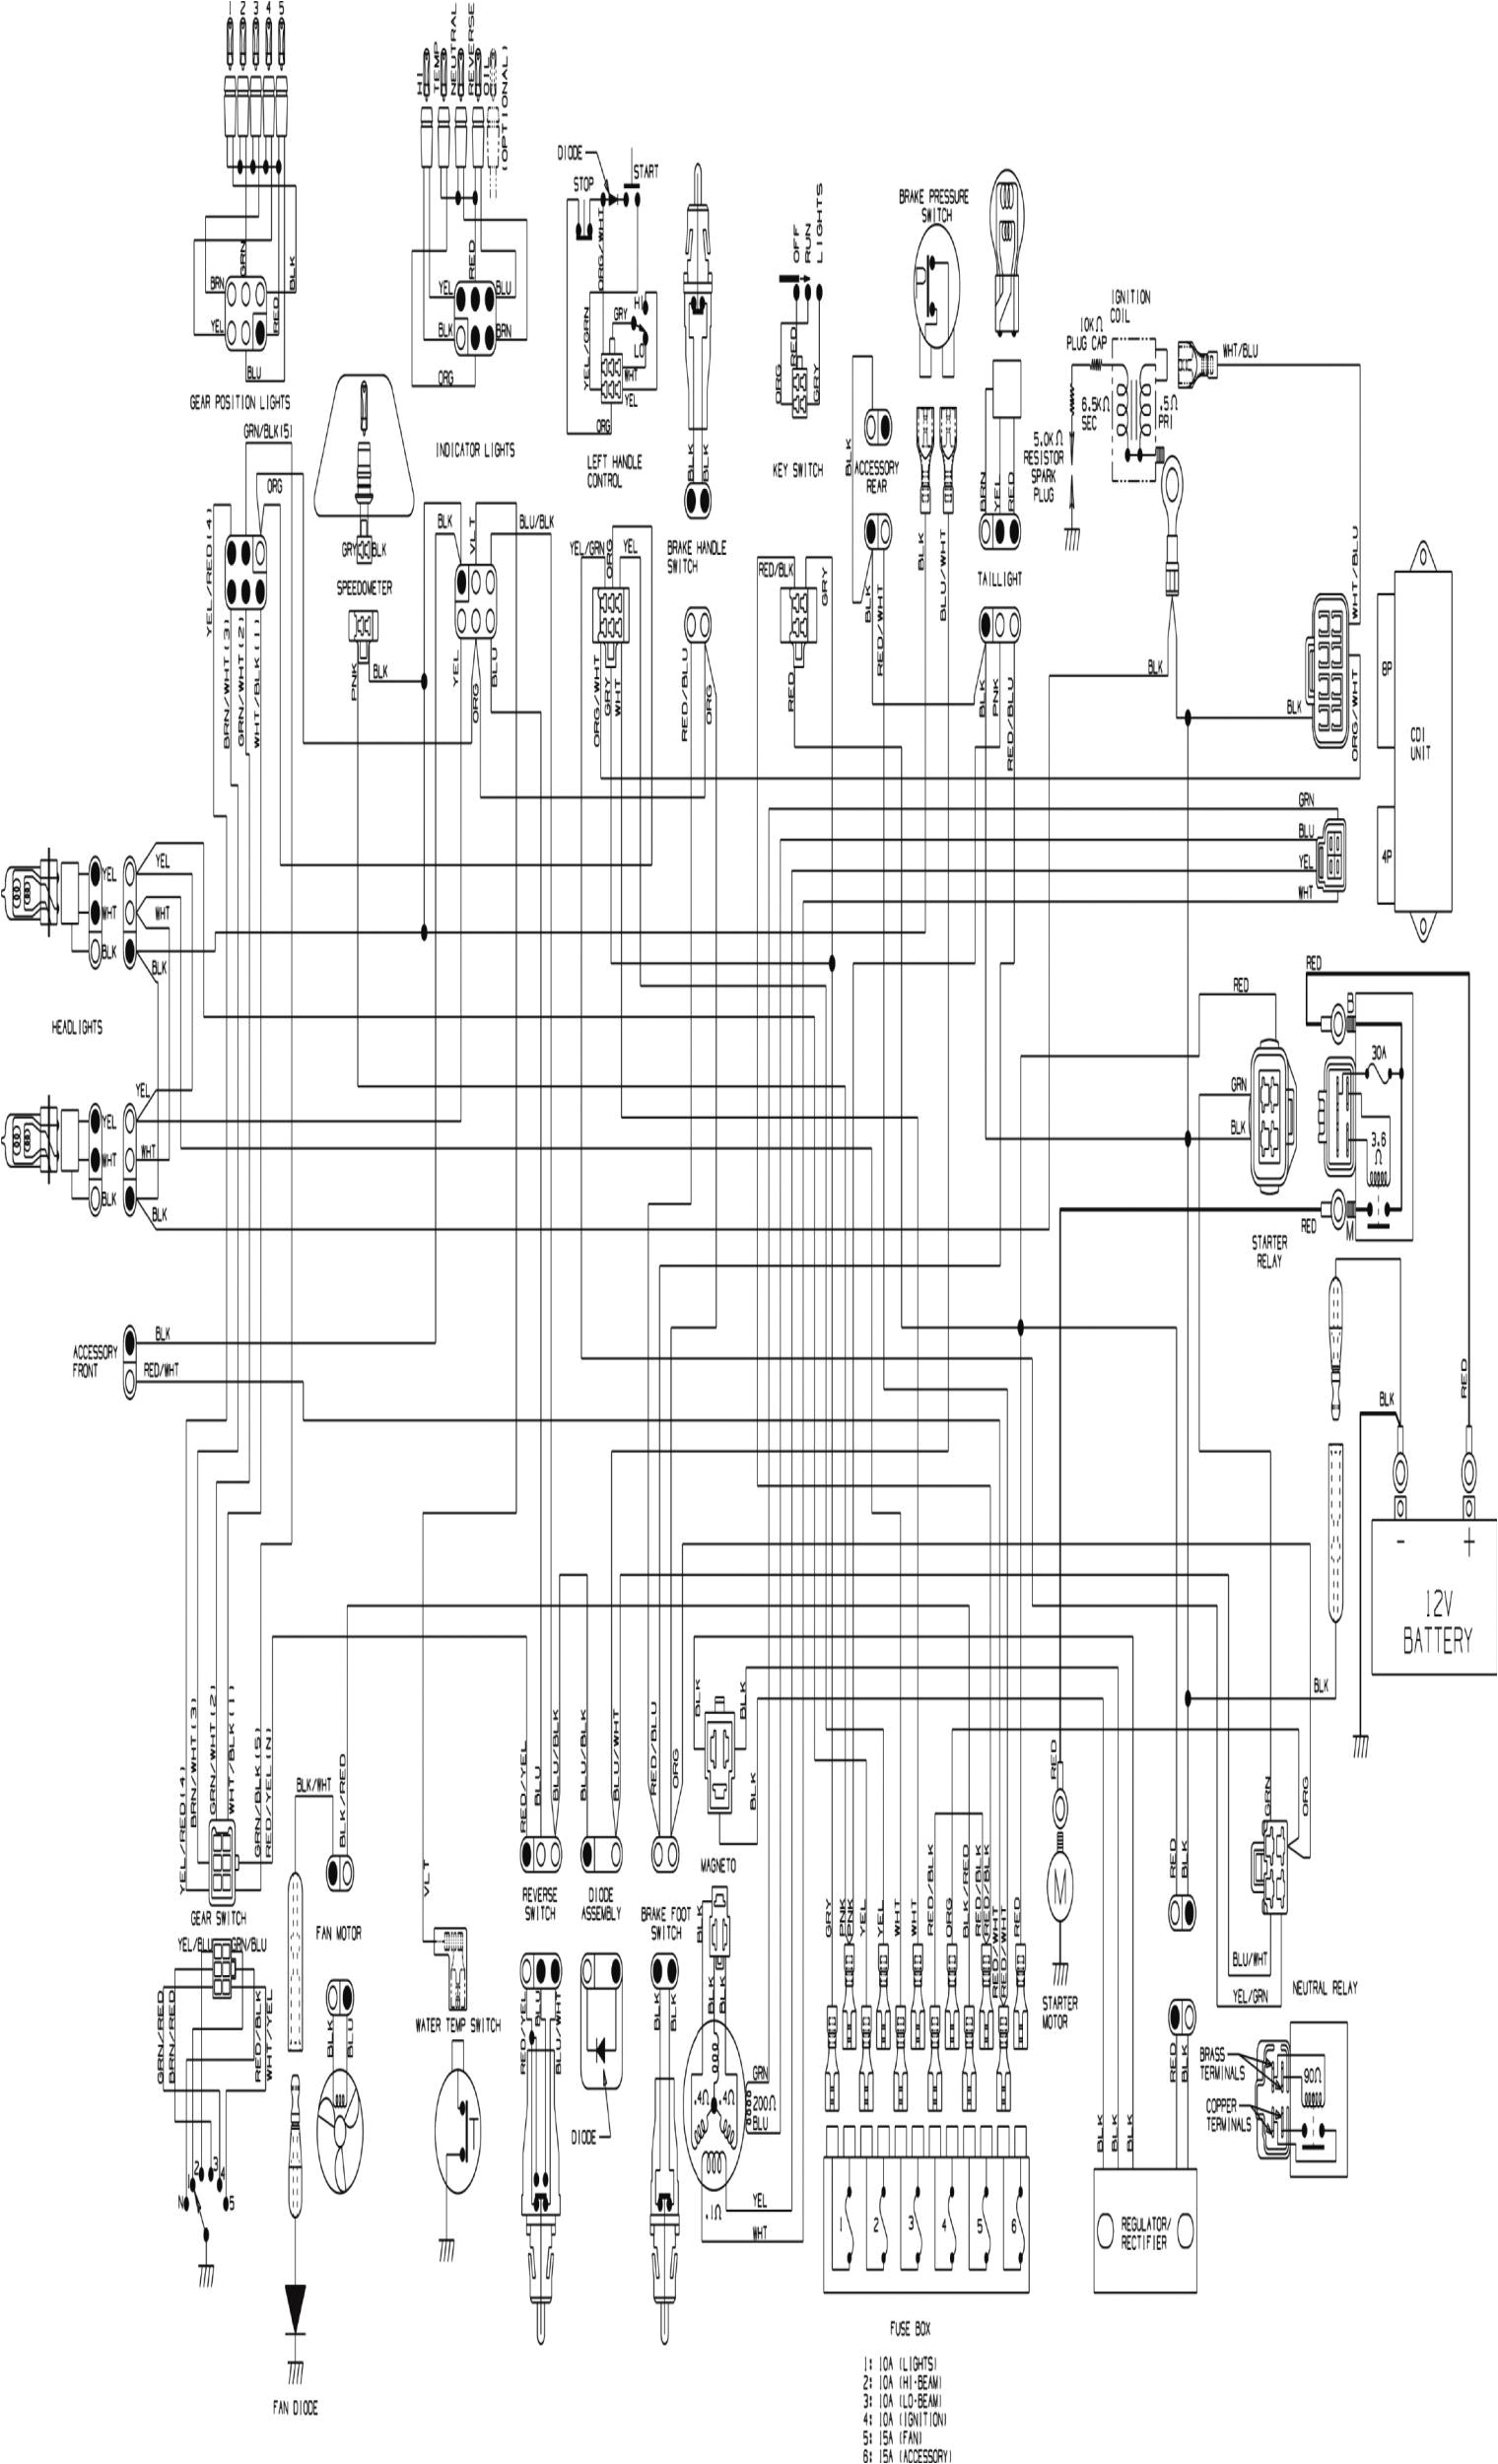 polaris hawkeye wiring diagram auto electrical wiring diagram jpg